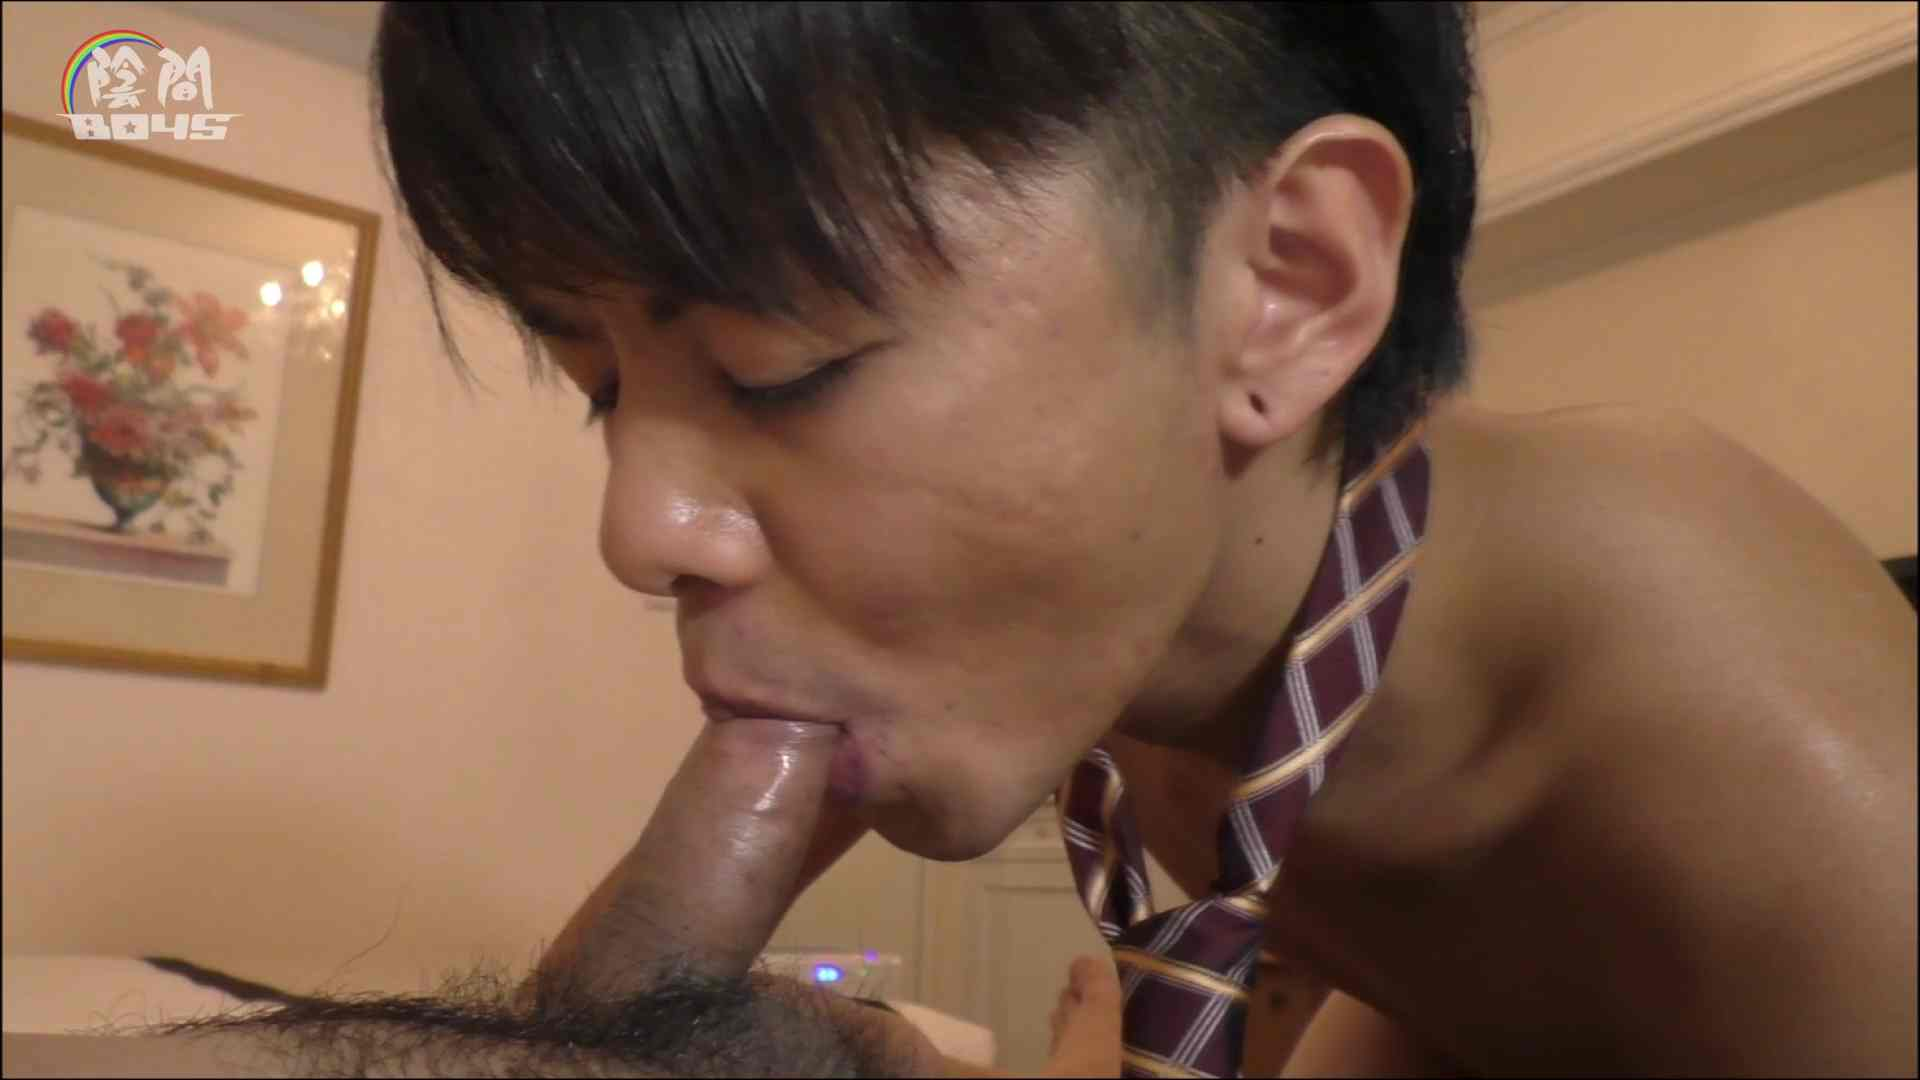 陰間BOYS~キャバクラの仕事はアナルから4 Vol.05 エッチ  82pic 41